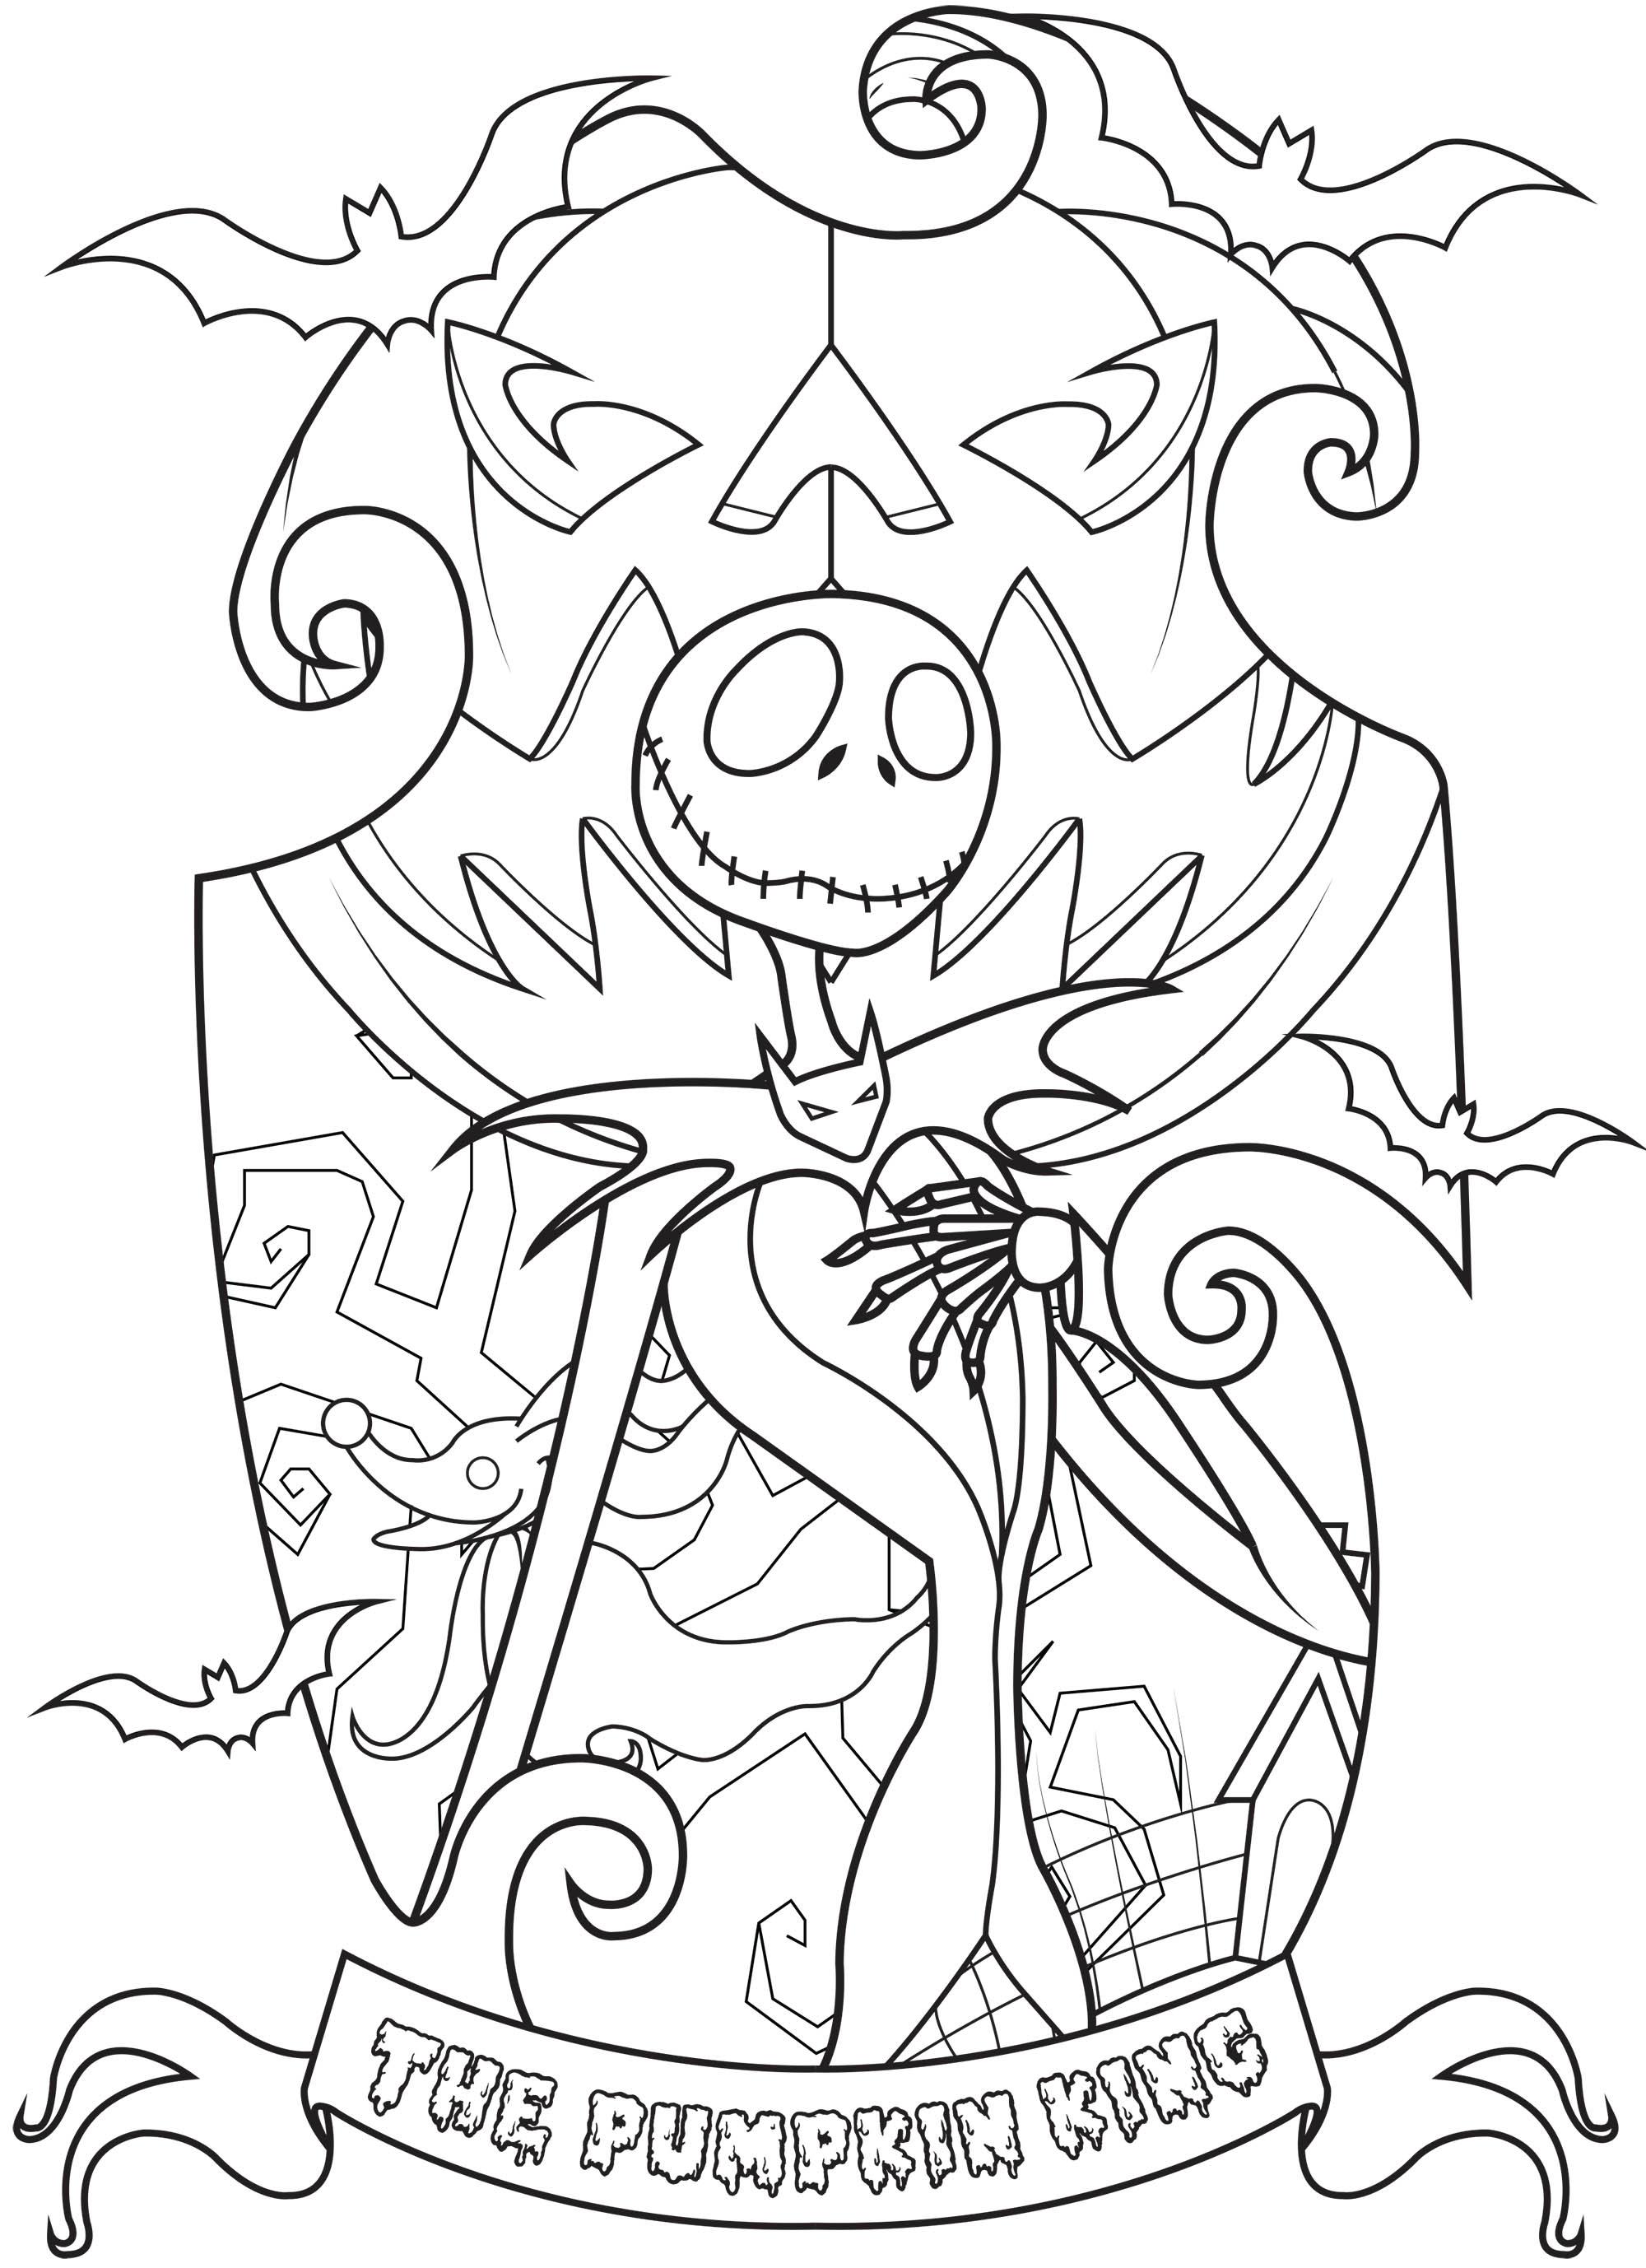 Disegni da Colorare per Adulti : Halloween - 8